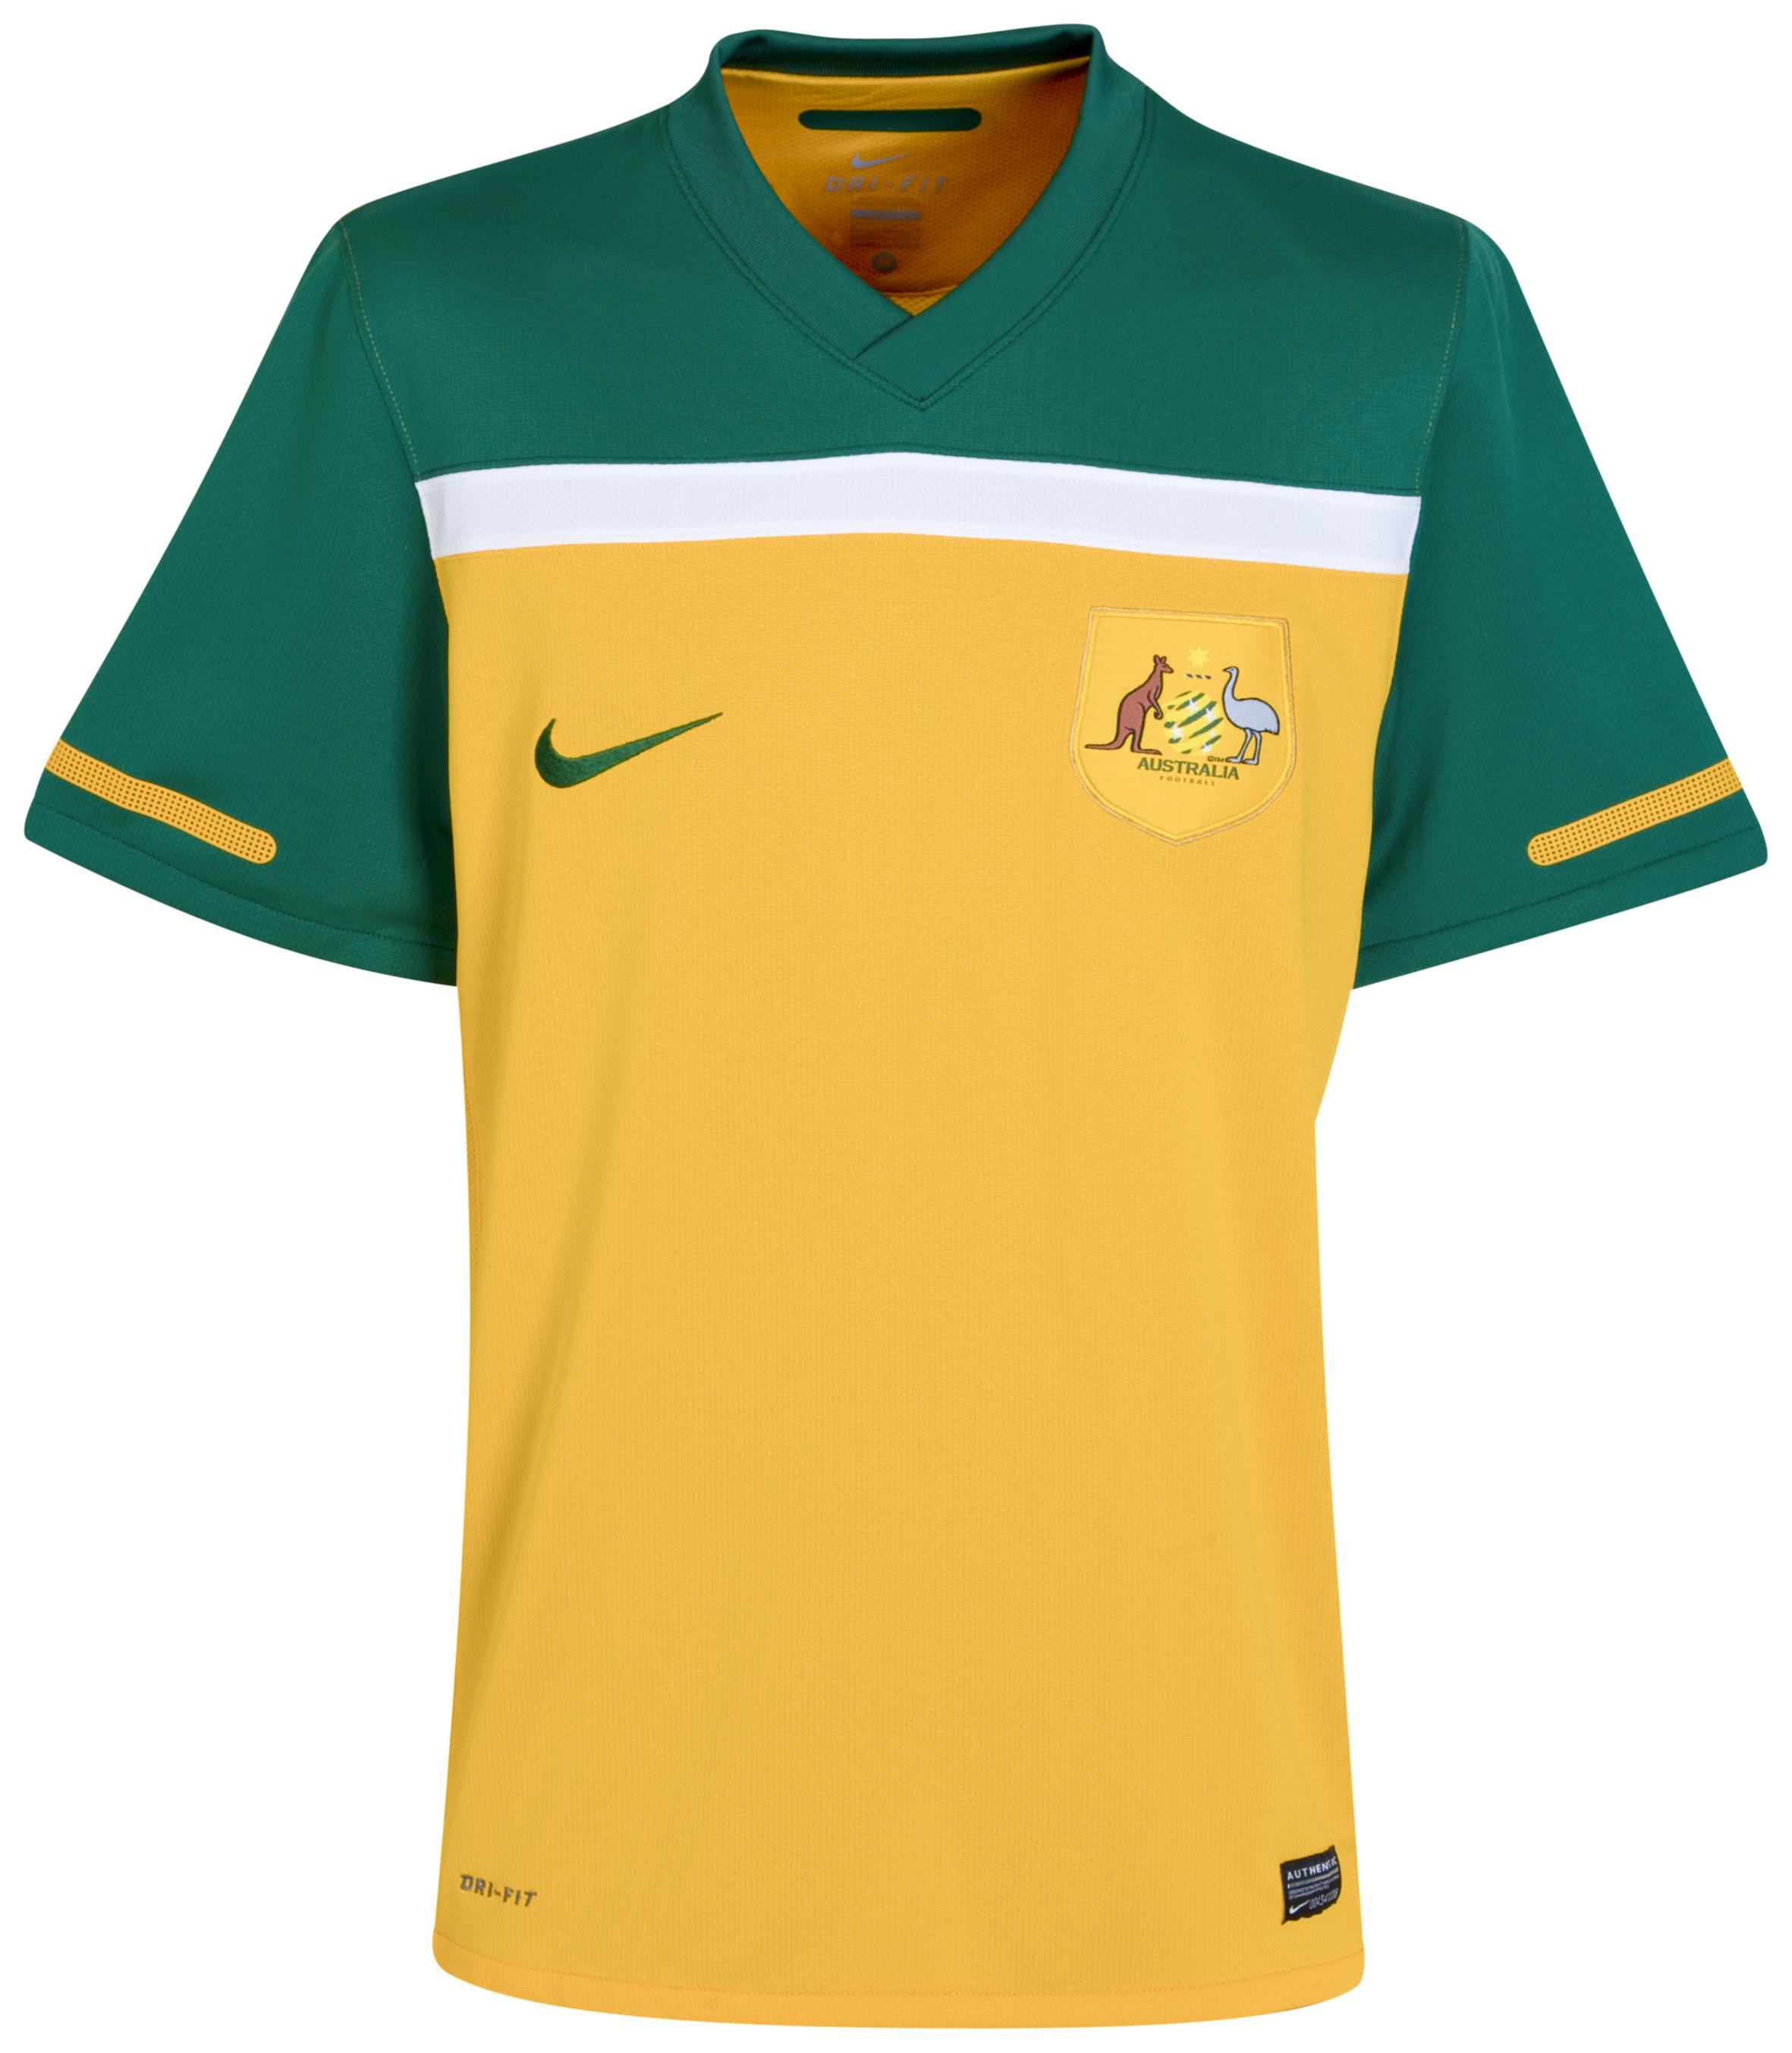 الملابس الخاصة بالمنتخبات العالم (جنوب أفريقيا 2010) kb-69616.jpg?width=4